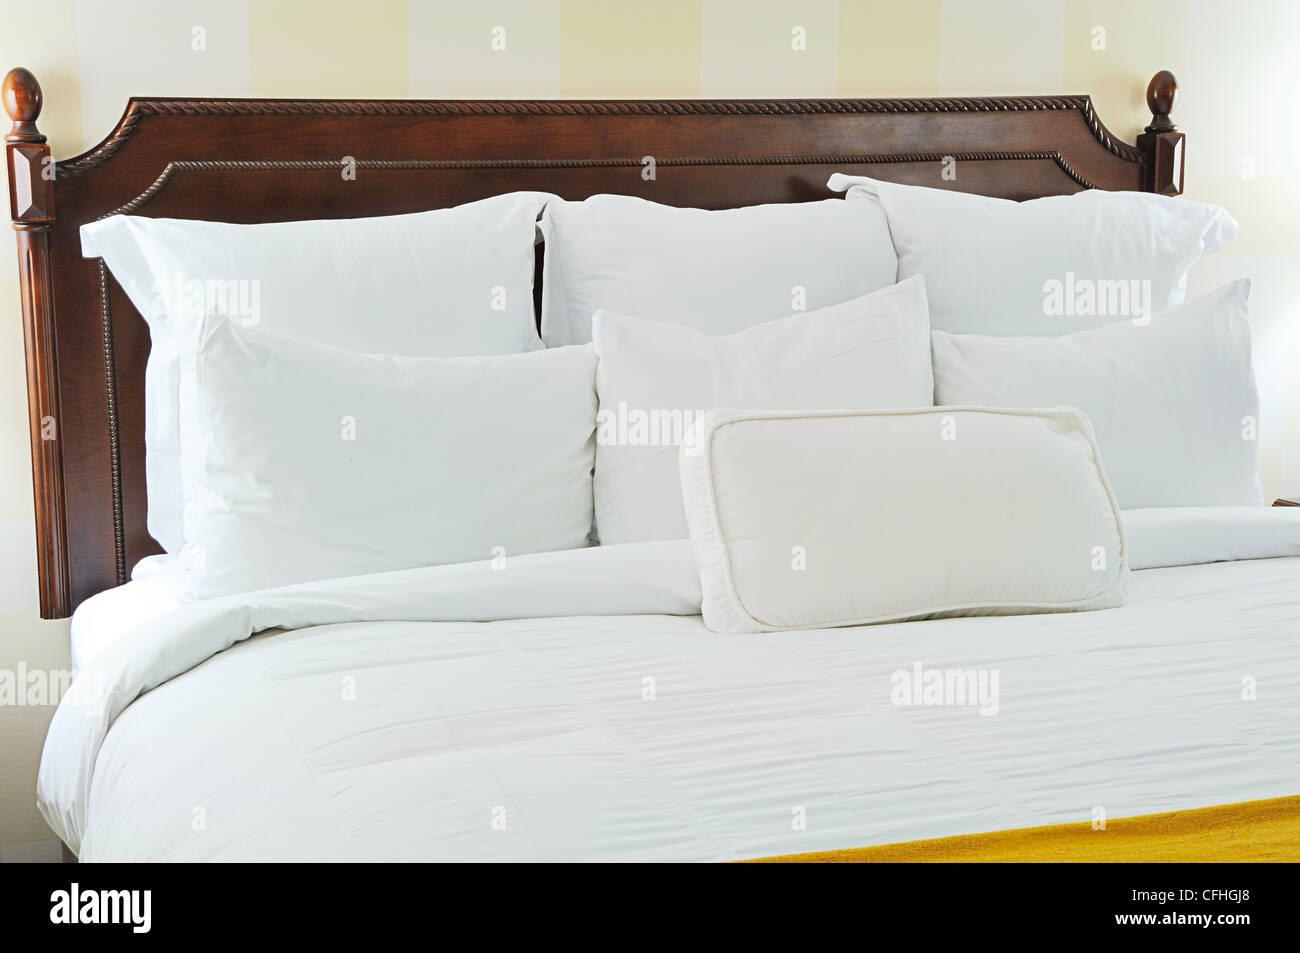 Ropa de cama blanca y cabecera de madera foto imagen de for Camas blancas de madera